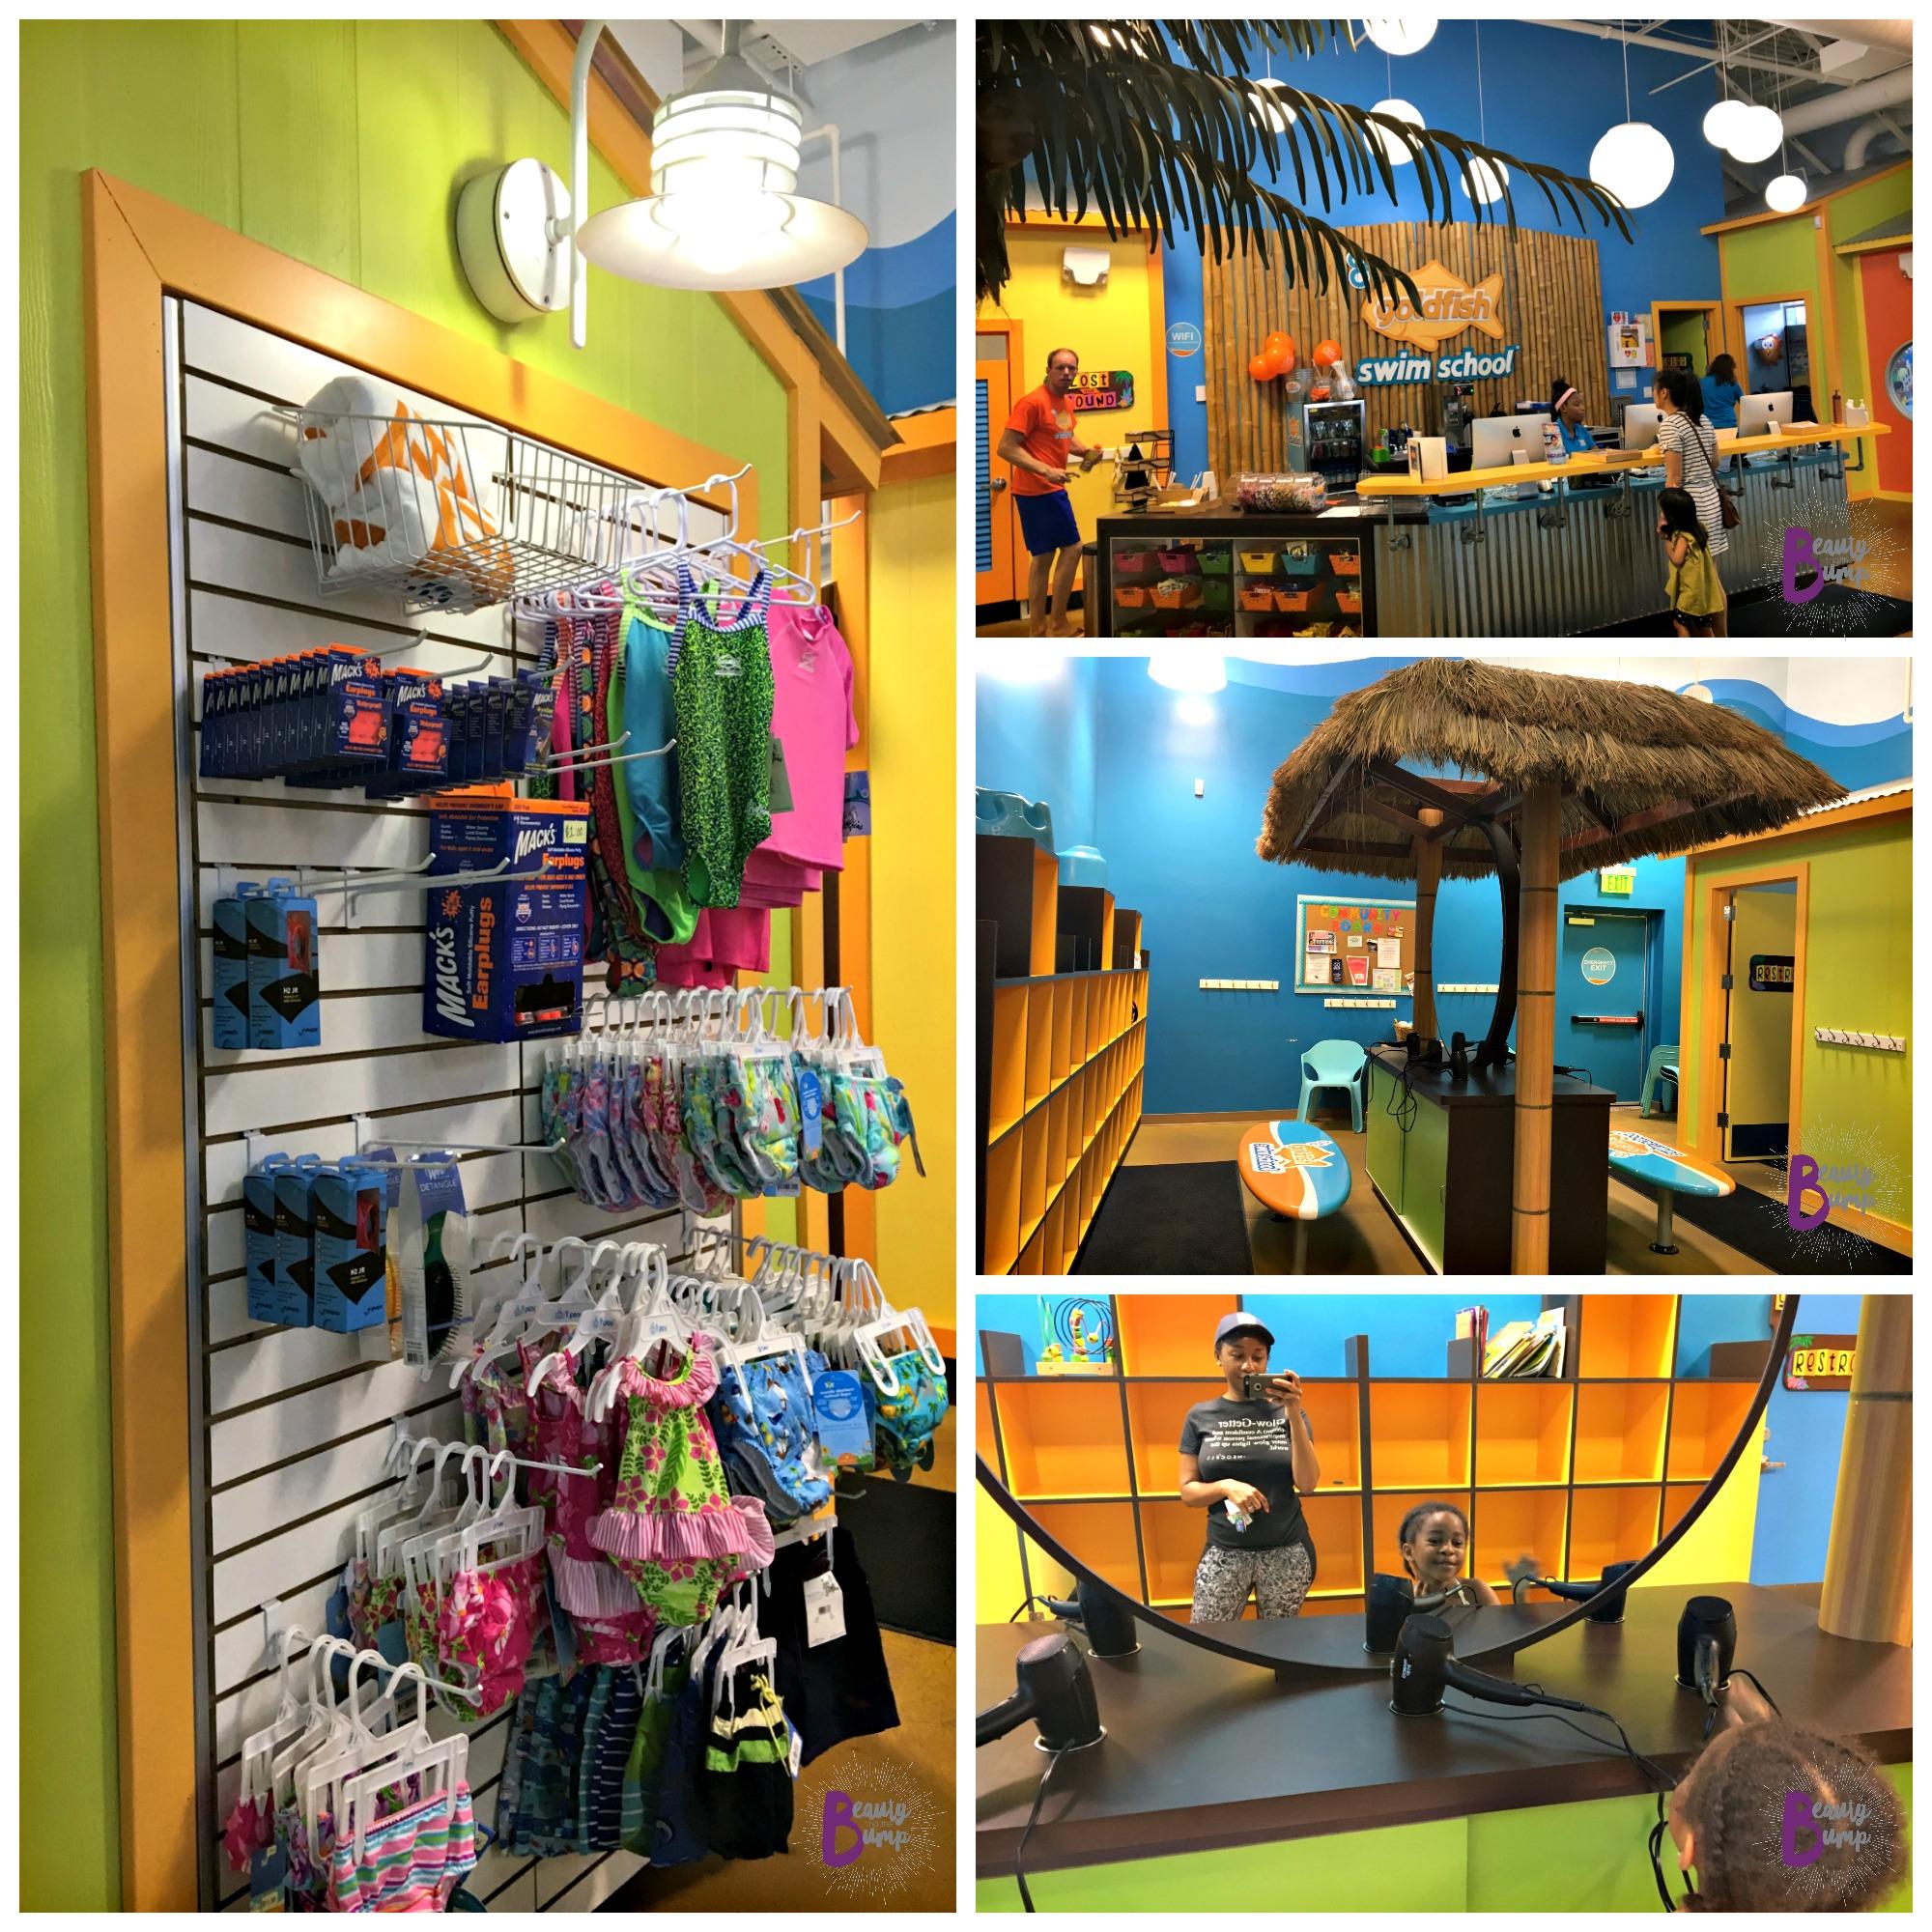 Goldfish Swim School Garden City Indoor Decor Beauty And